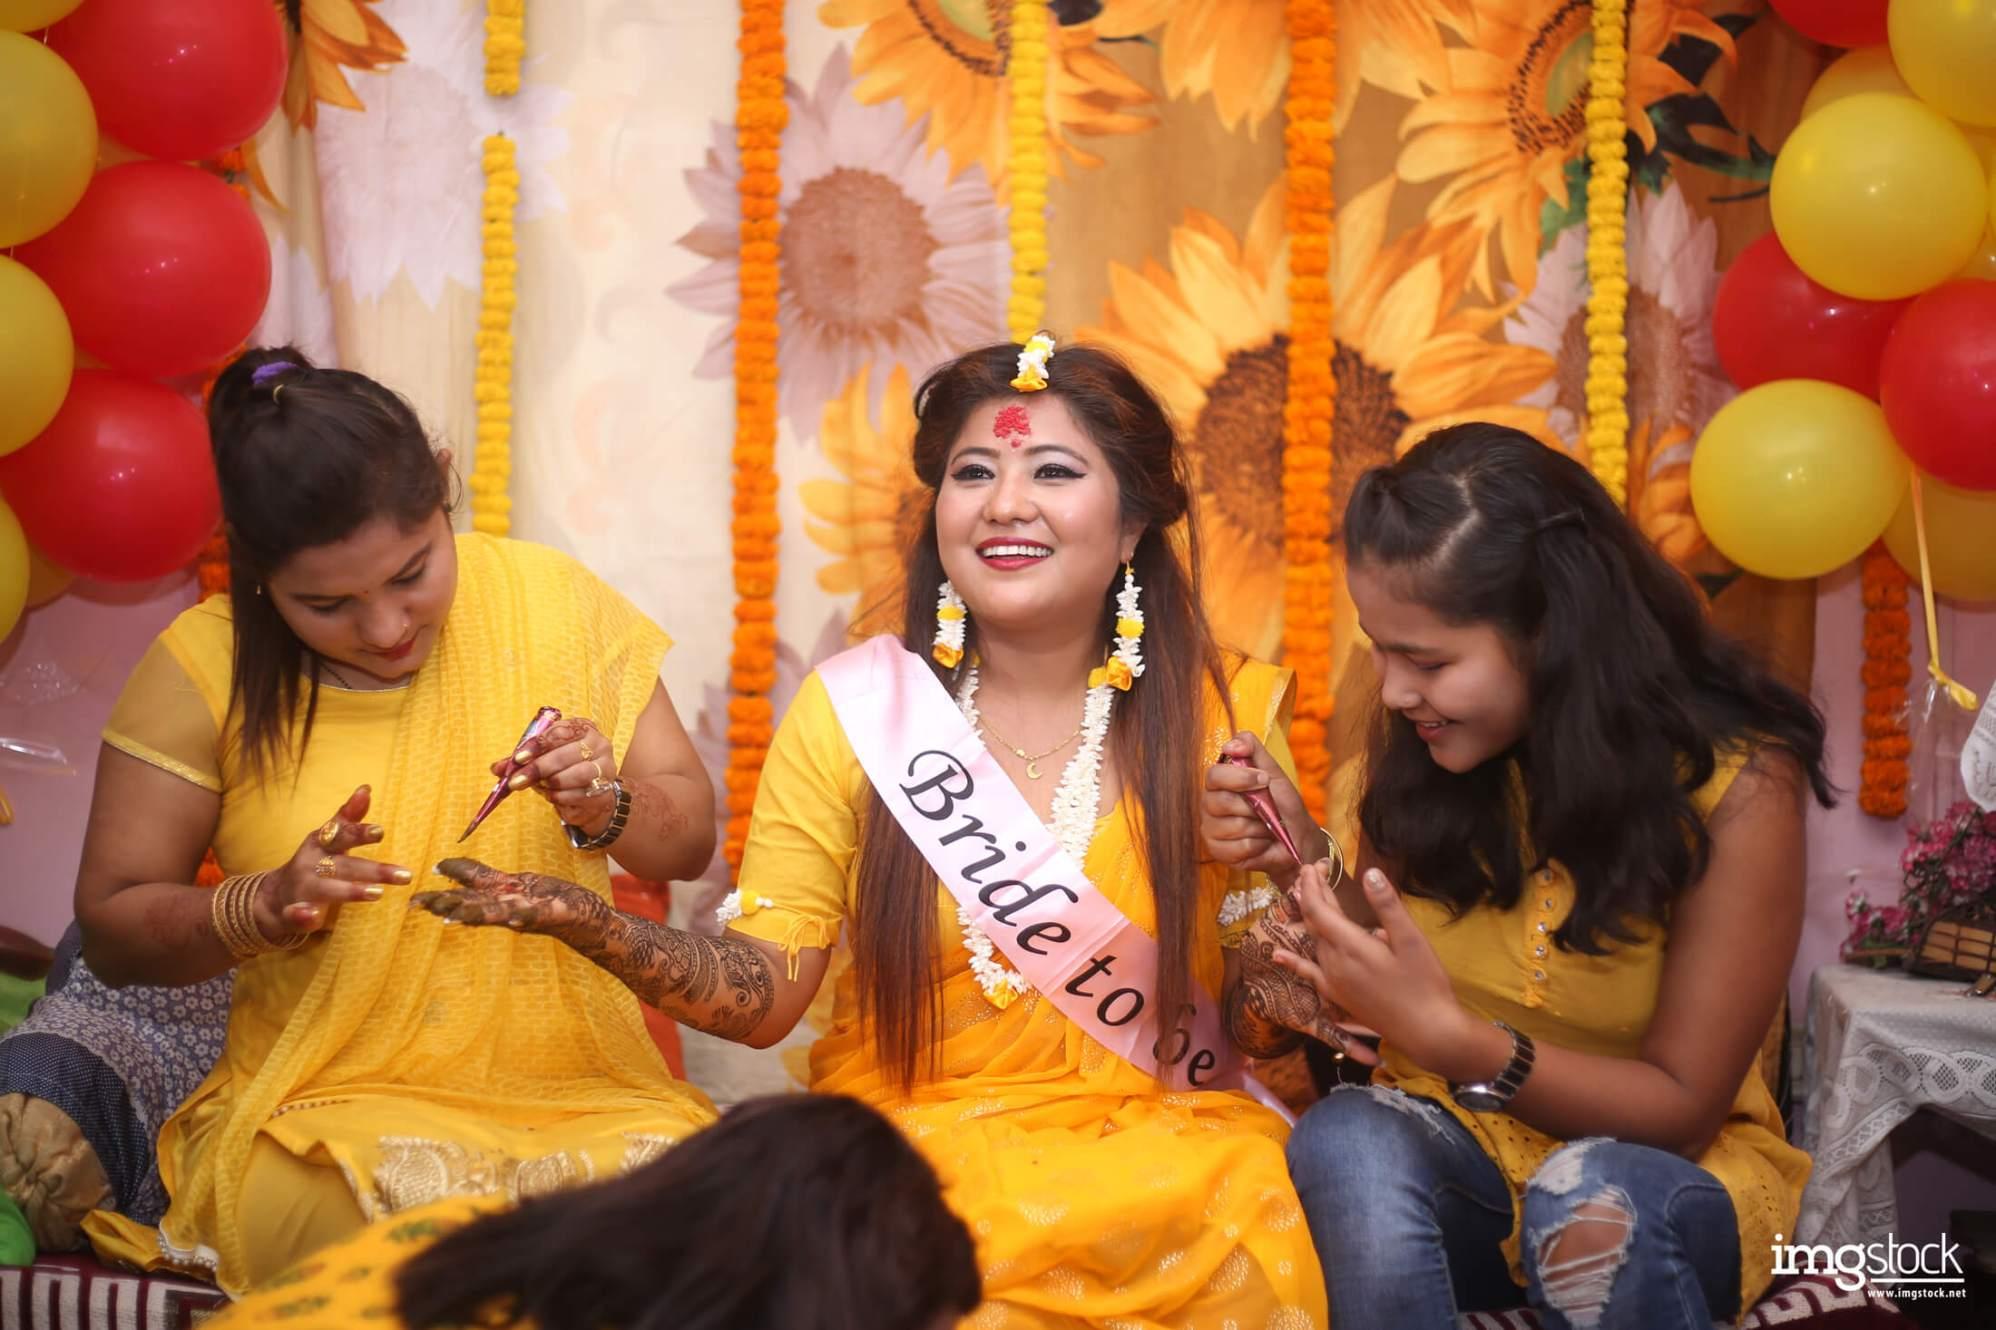 Junu Karki - Imgstock, Biratnagar